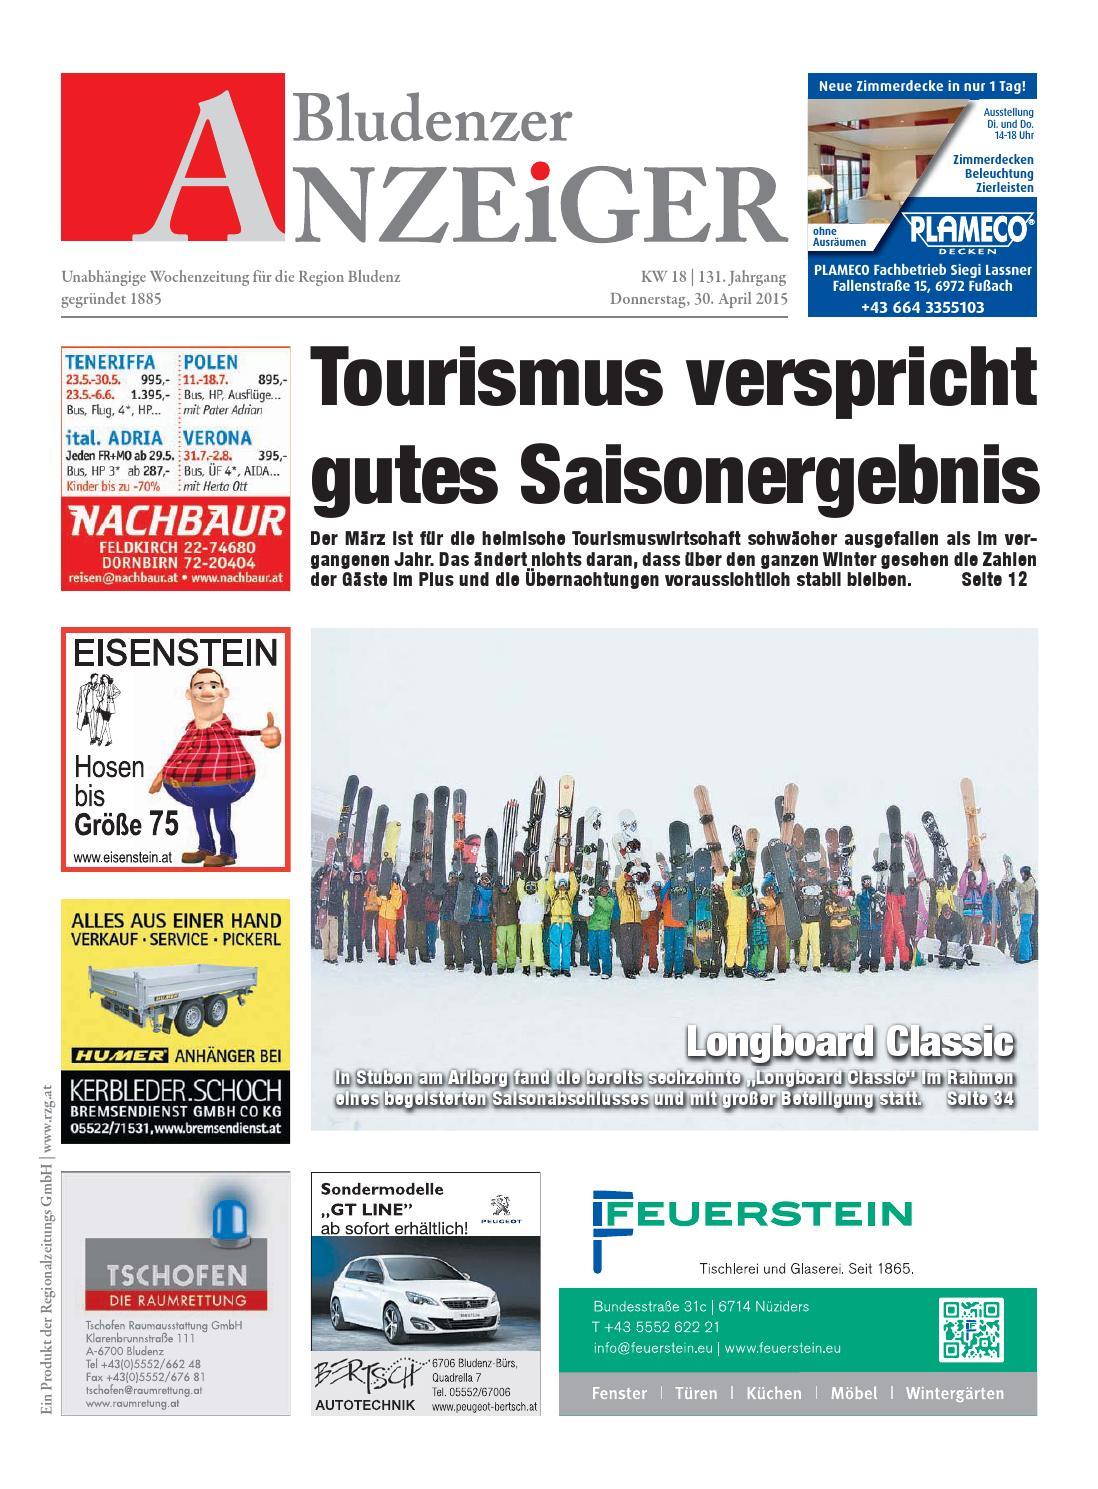 Dlsach persnliche partnervermittlung - Oberwaltersdorf